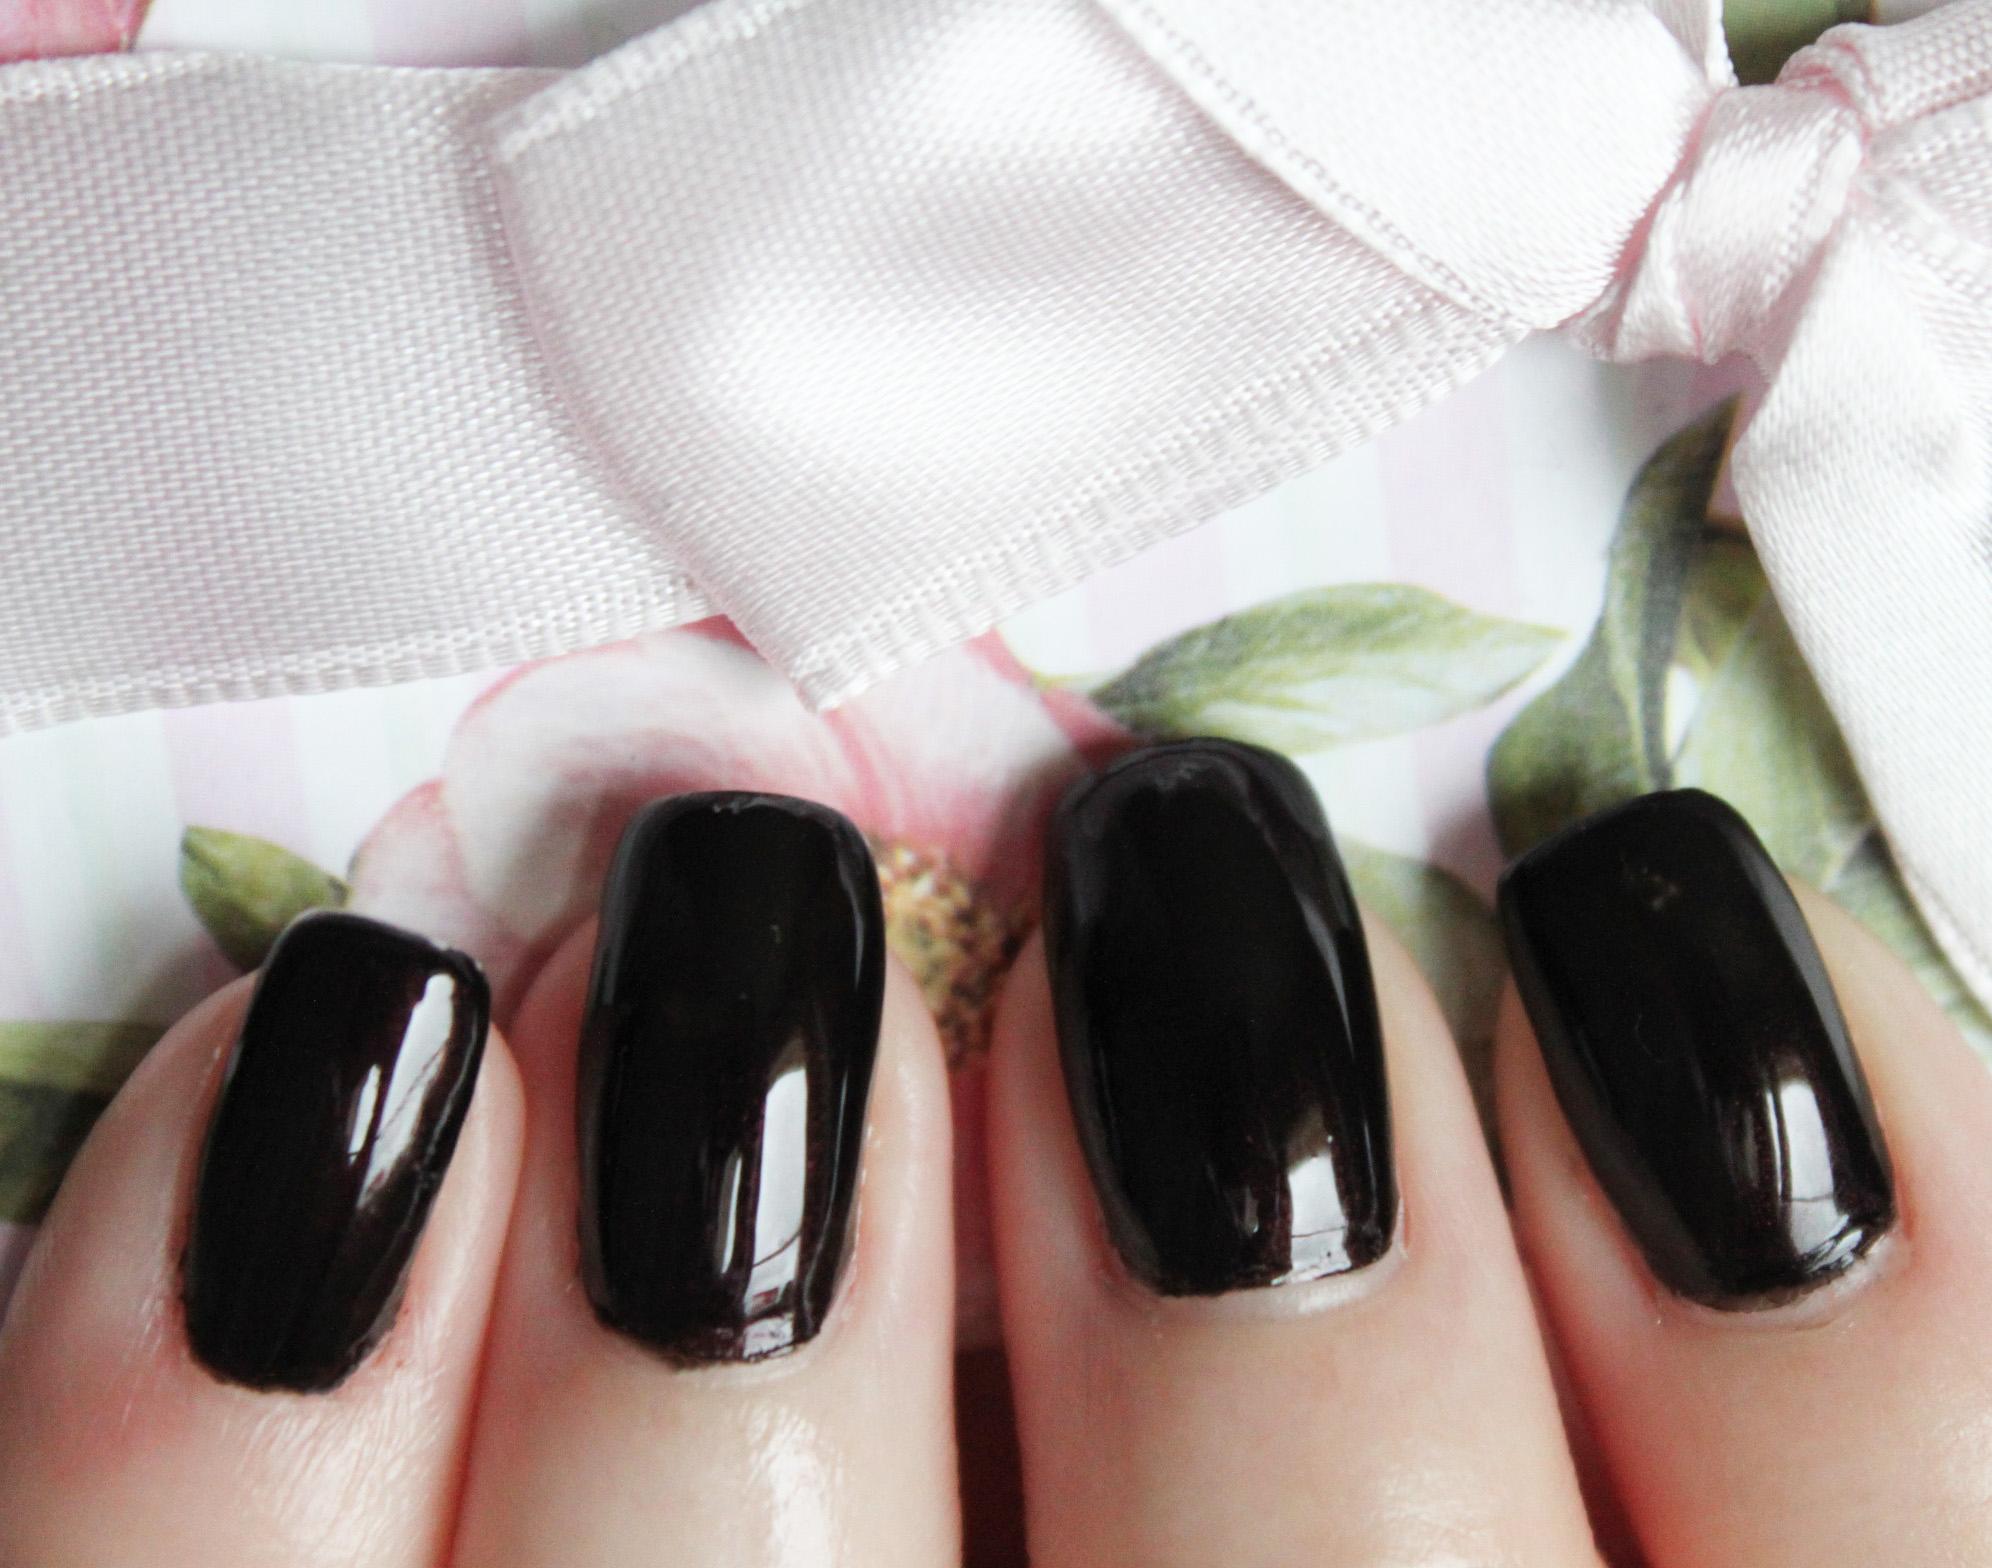 Quelle couleur vernis avec robe noire